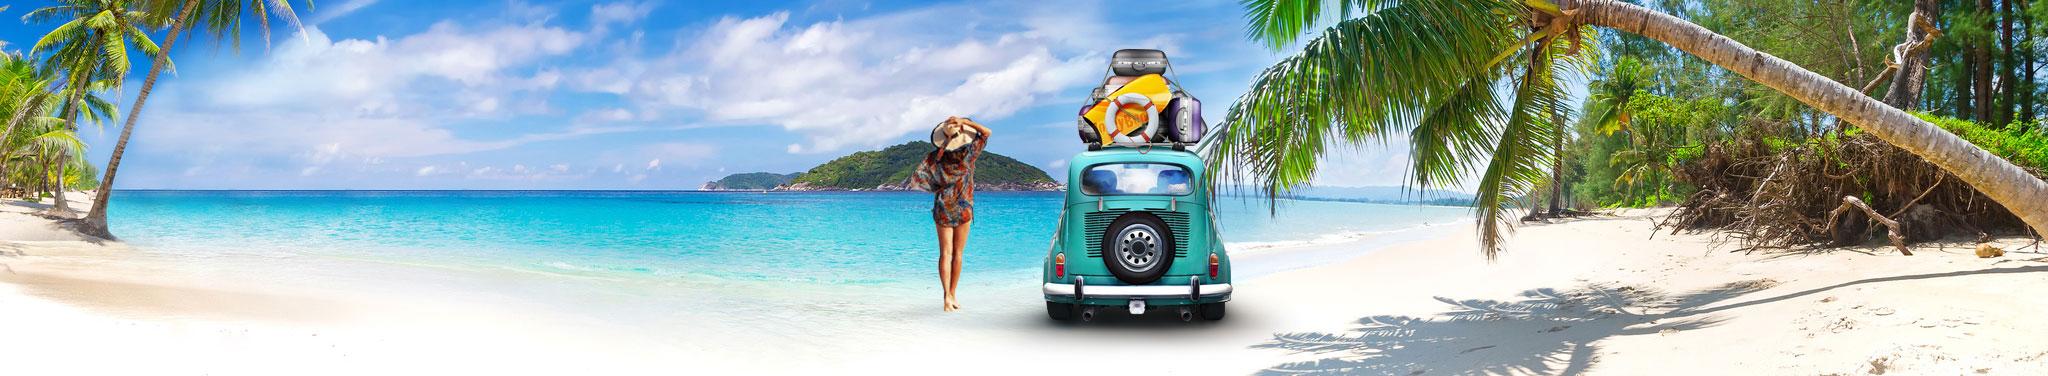 Strand mit Auto, Frau und Palmen